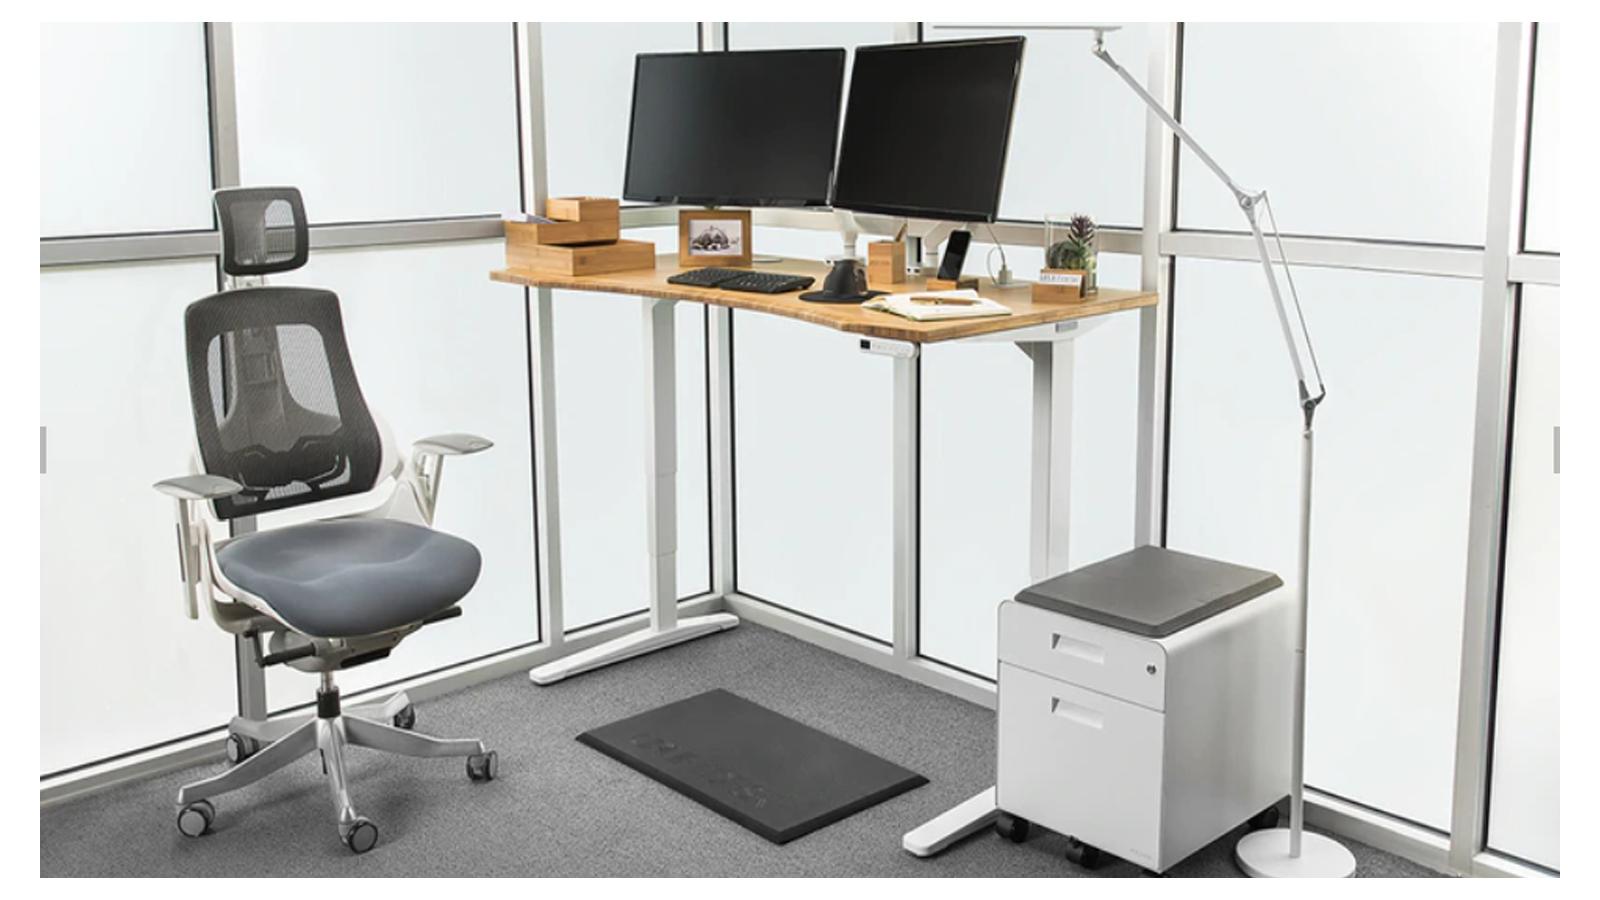 Uplift V2 best standing desk for tall people custom standing desk